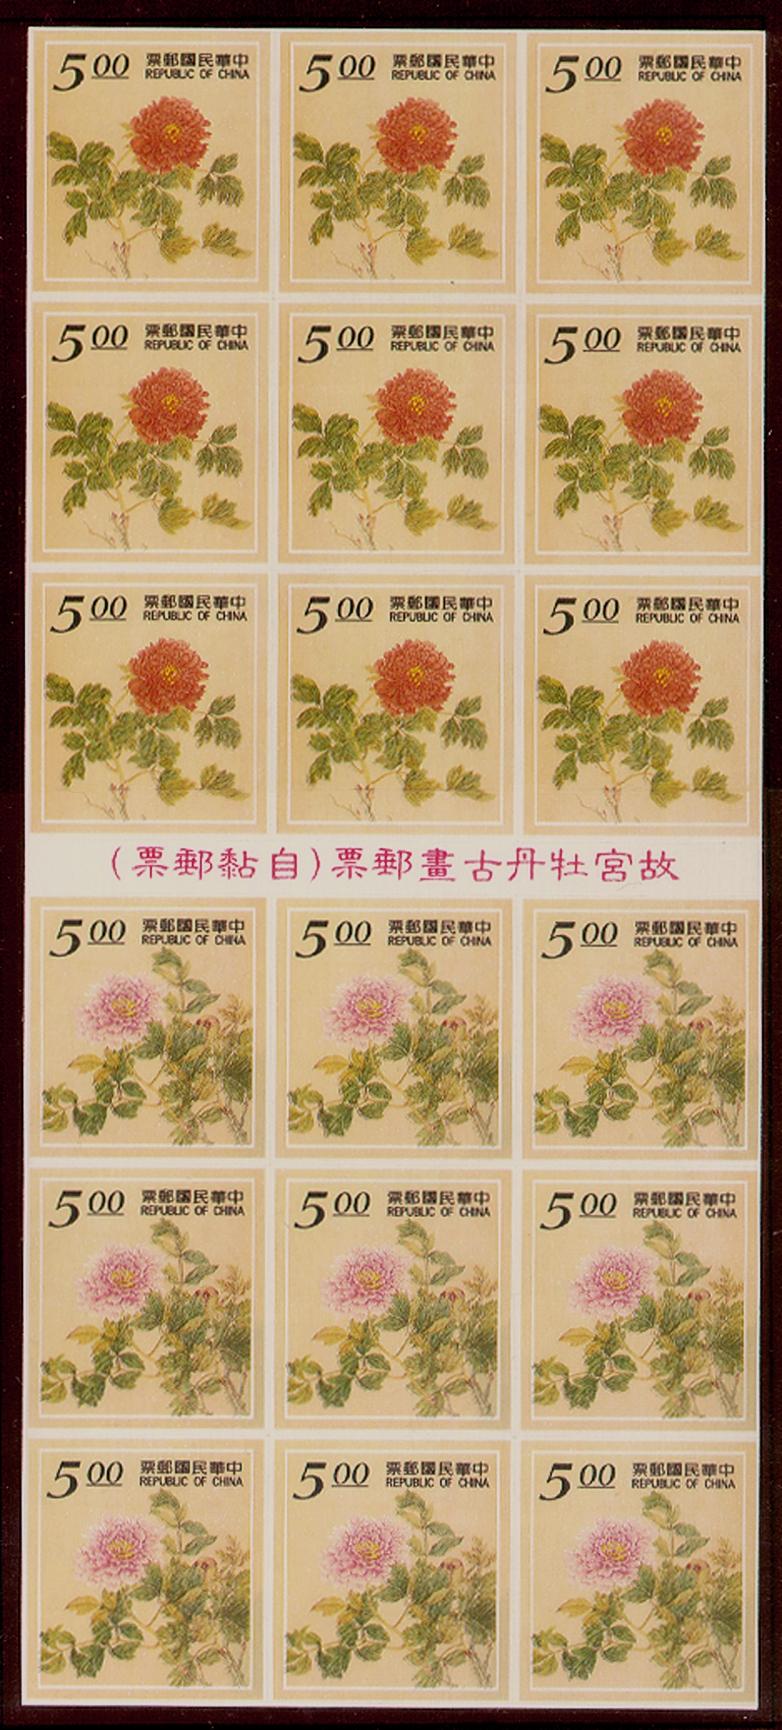 (常113.1  常113.2)常113故宮牡丹古畫郵票(自黏郵票)